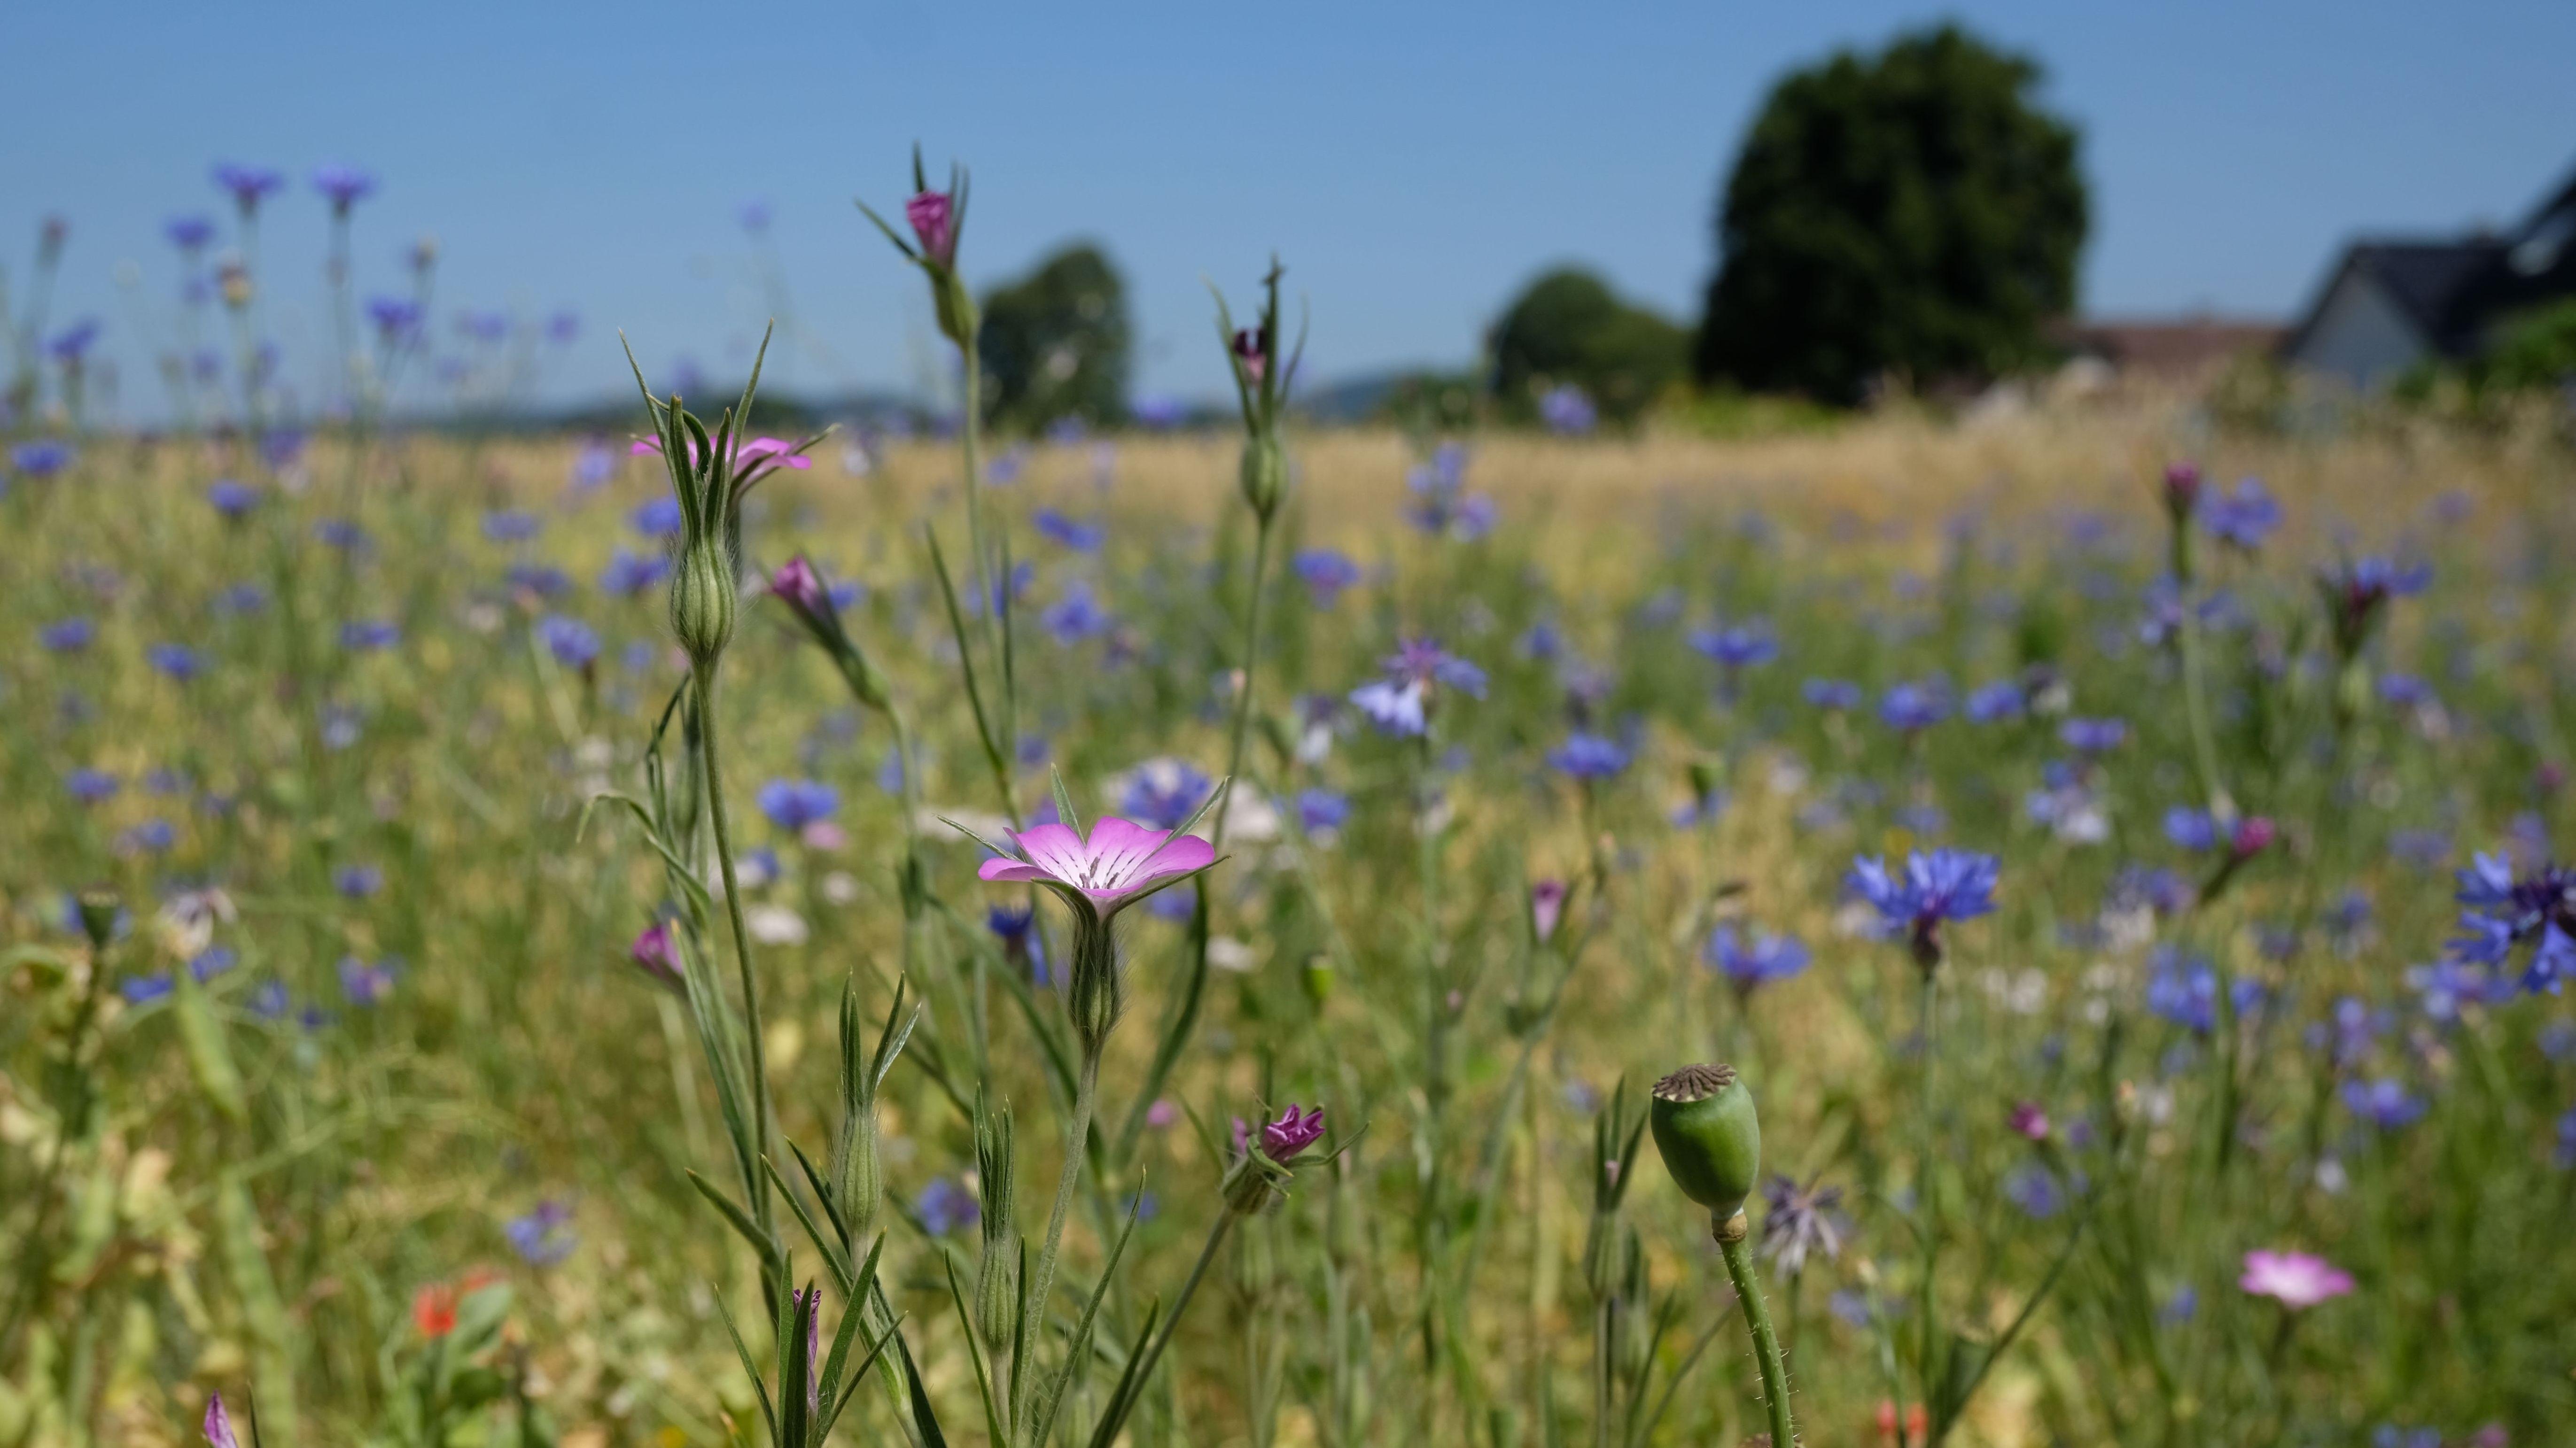 Auf einem Feld blühen Ackerwildkräuter.